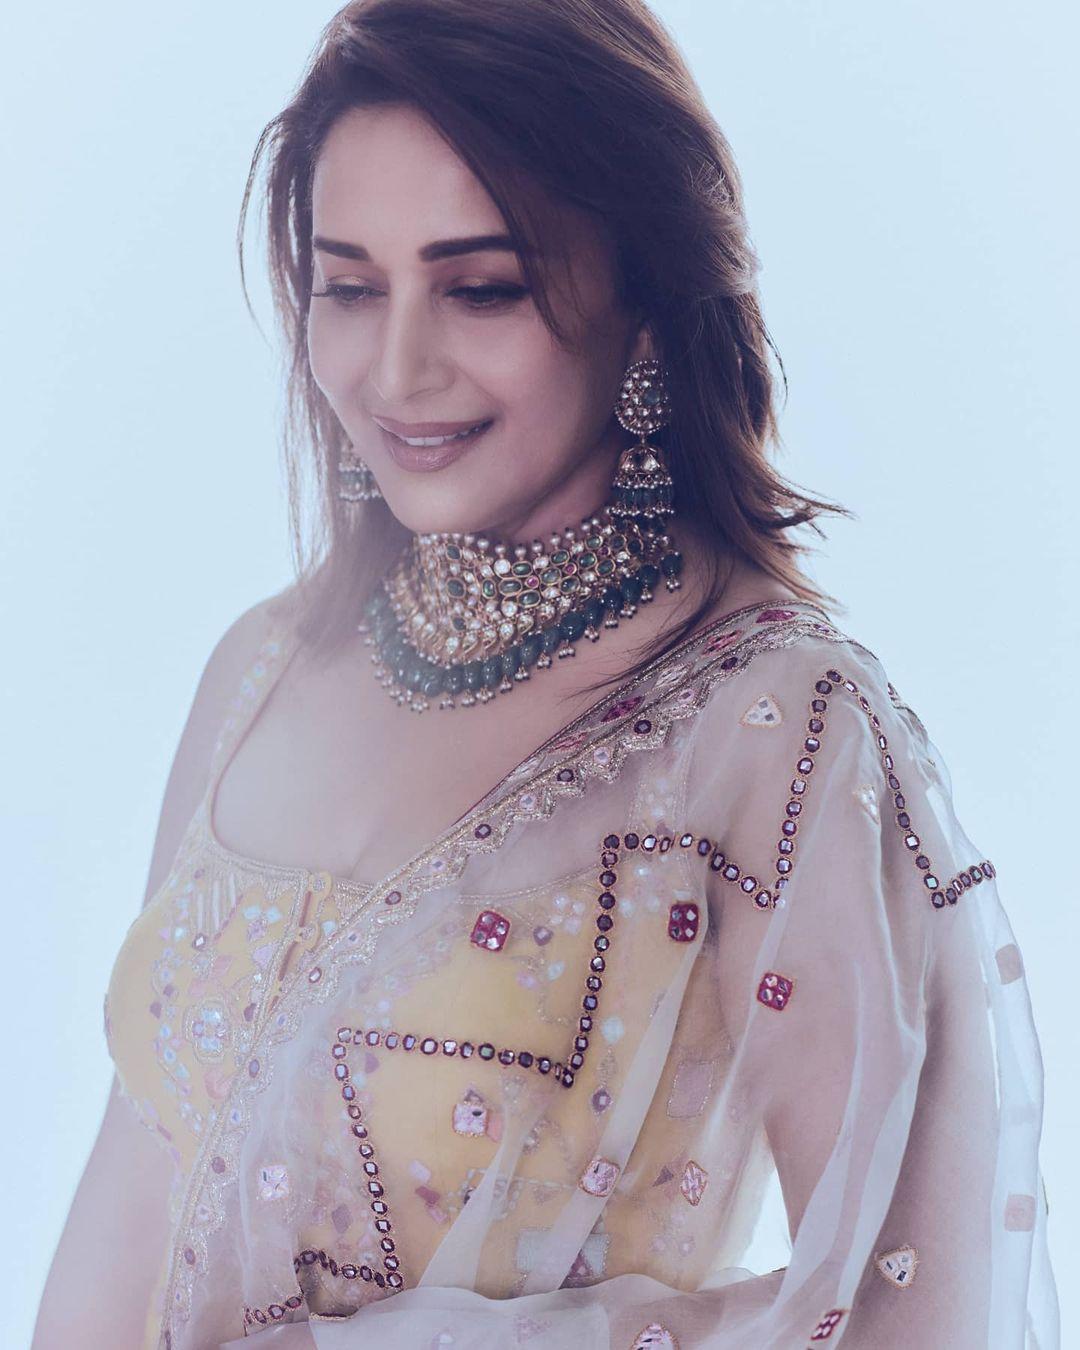 Madhuri Dixit looking glamorous